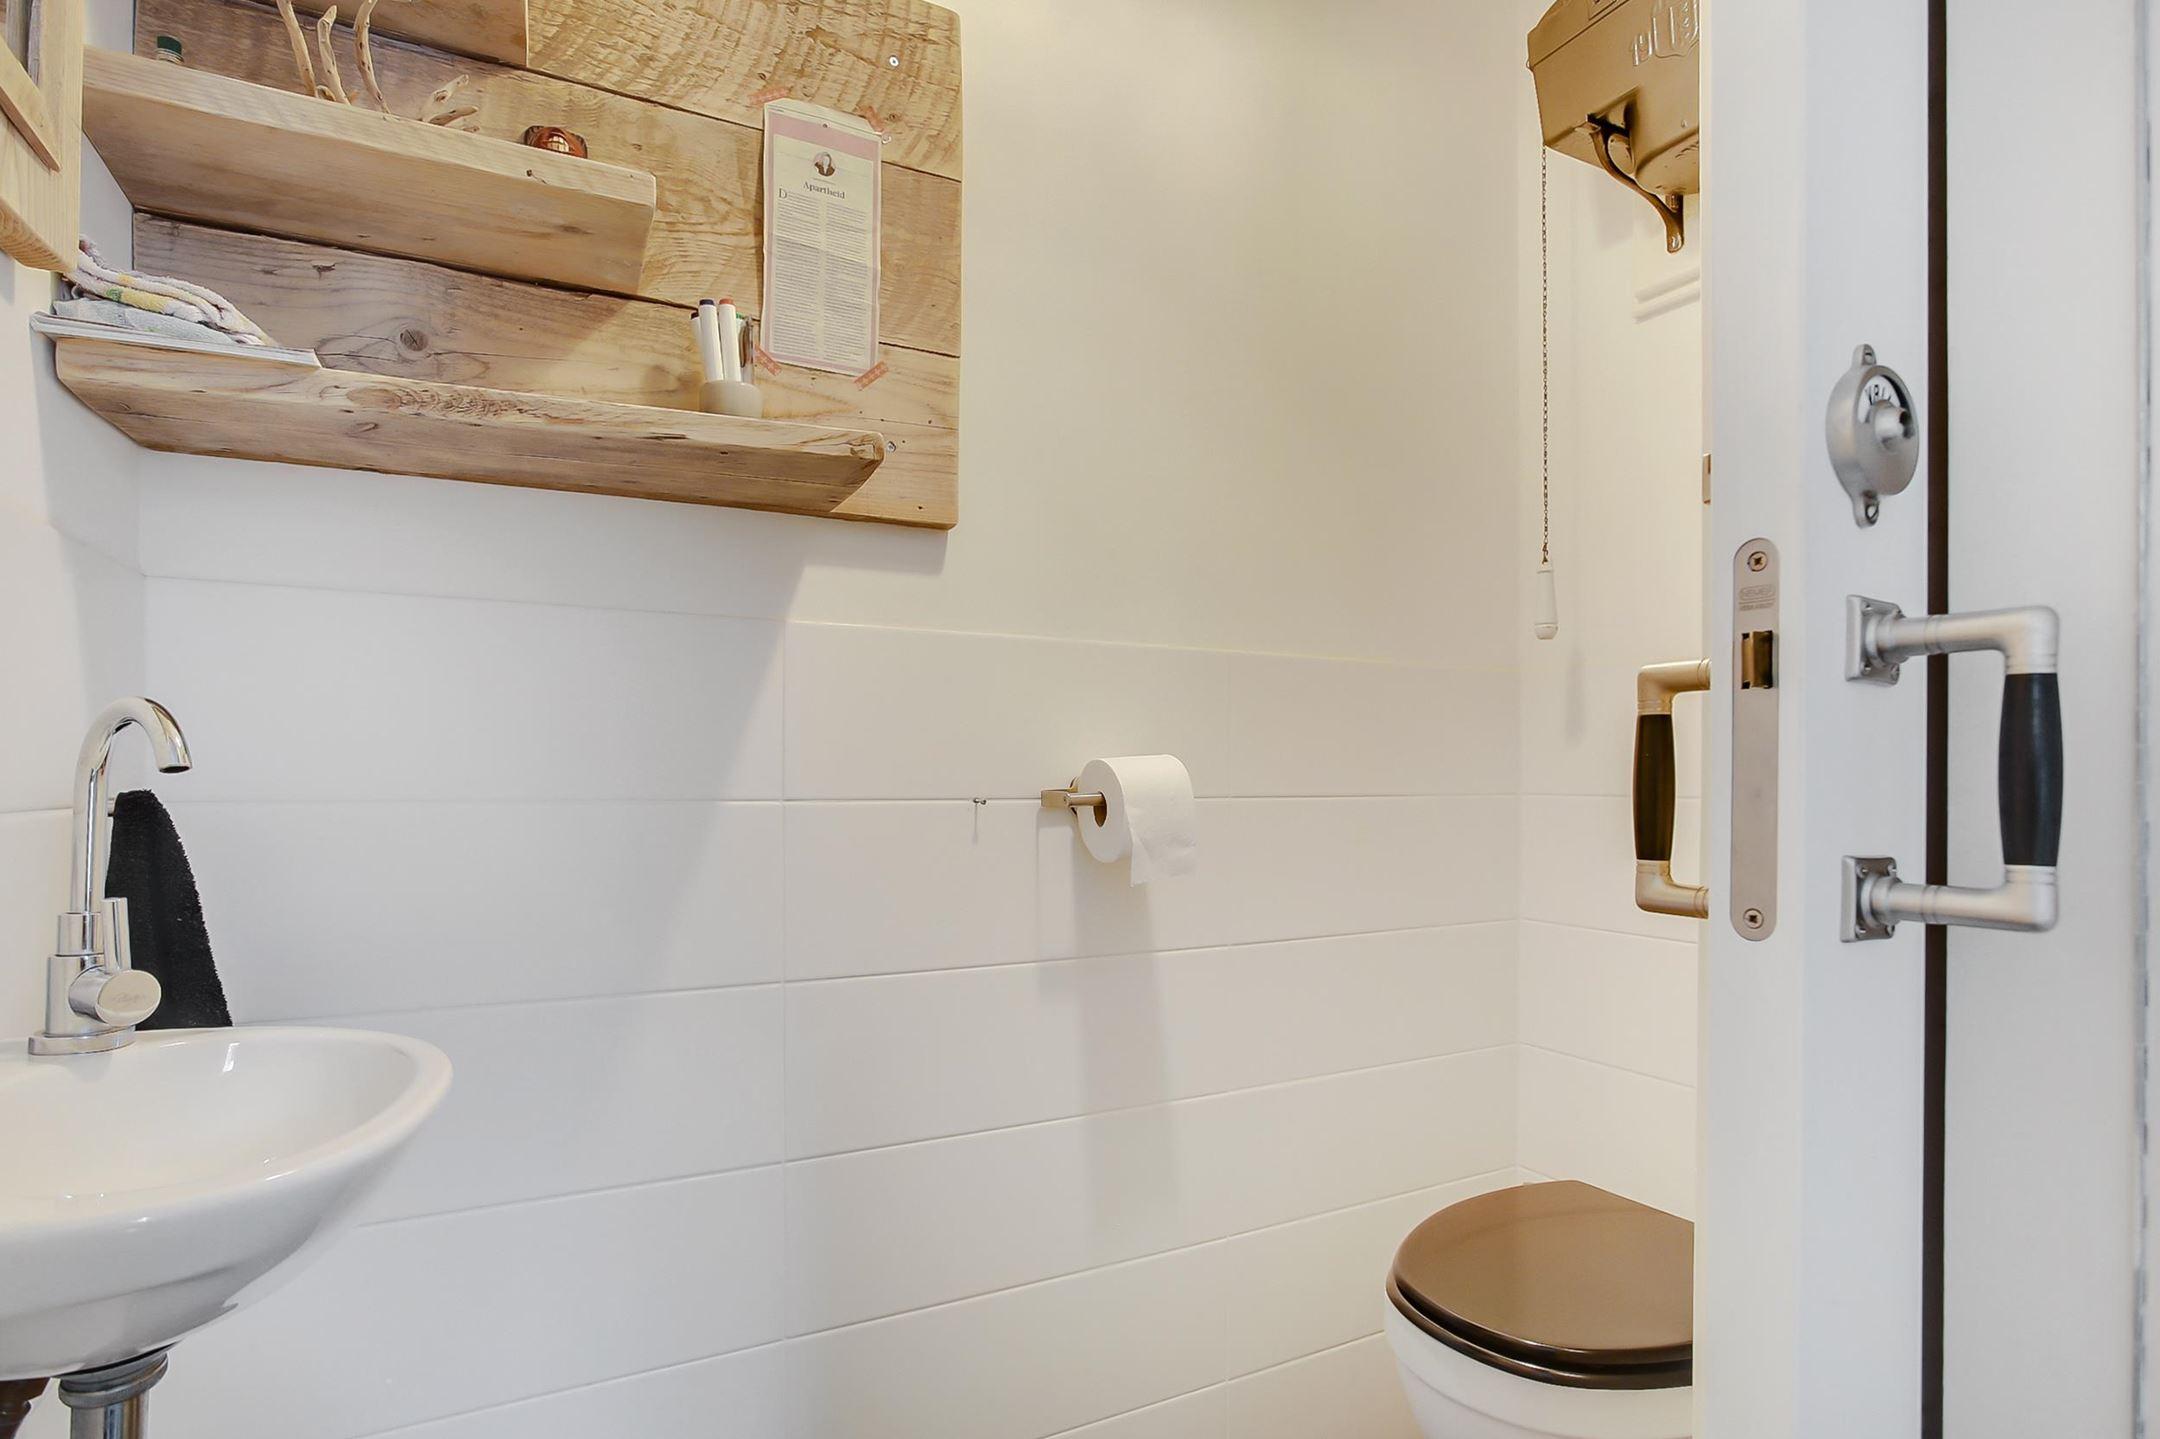 Ouderwetse Stortbak Toilet : Verkocht: kortenburglaan 2 b 3941 hr doorn [funda]